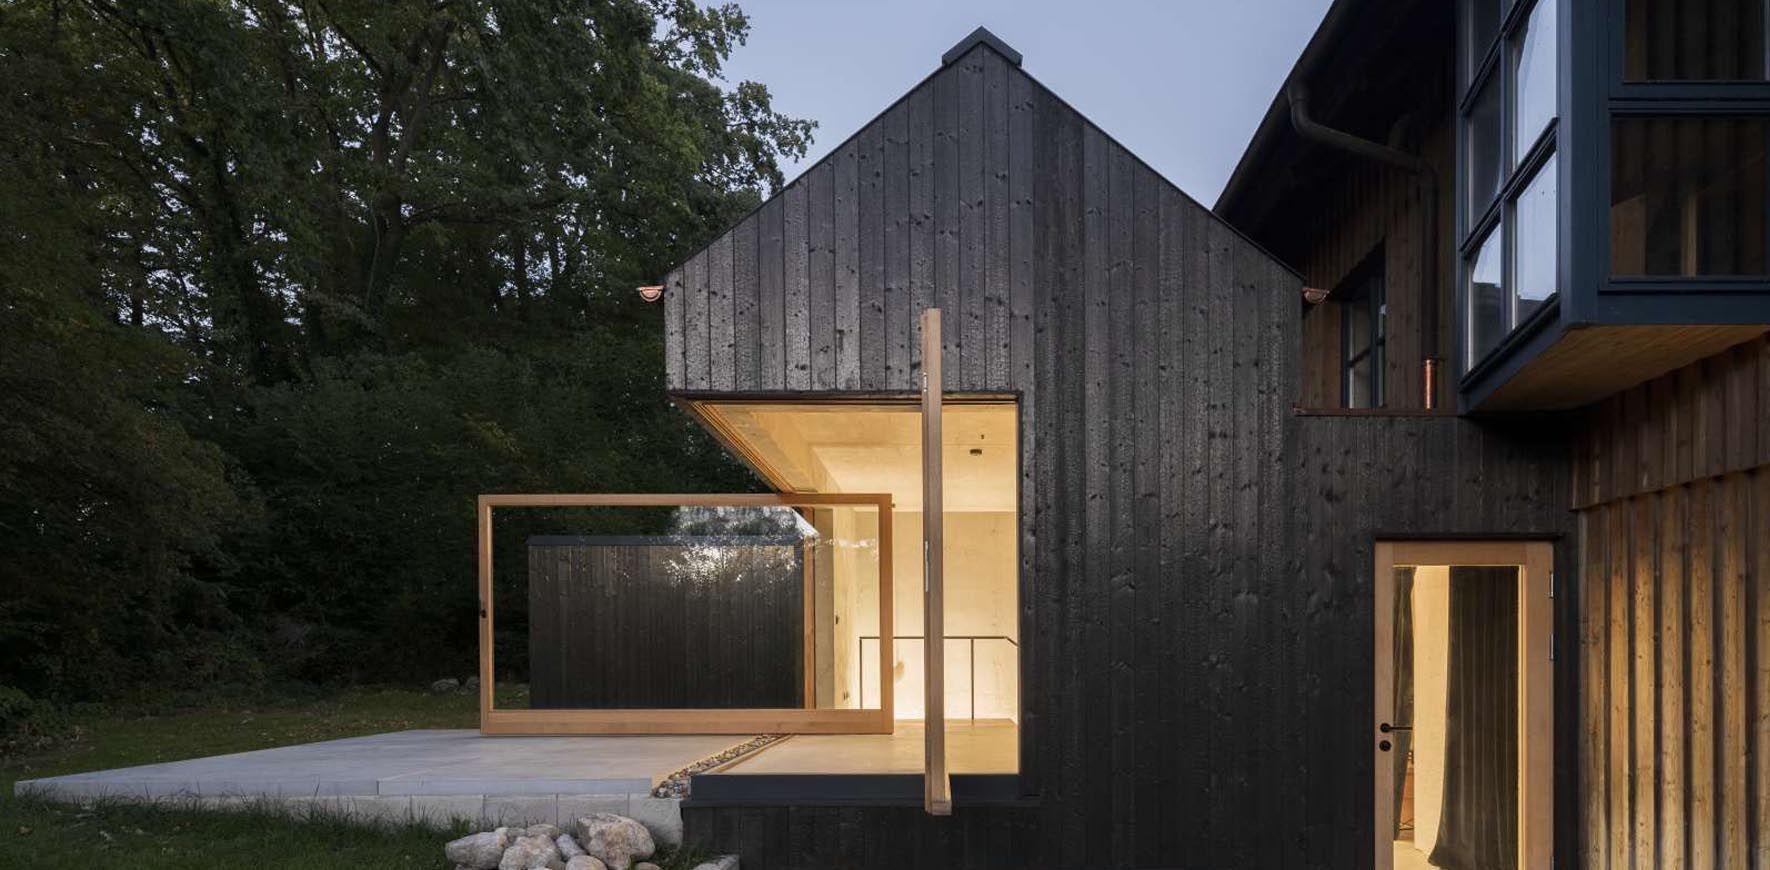 Das kleine schwarze Haus Frontal Ansicht